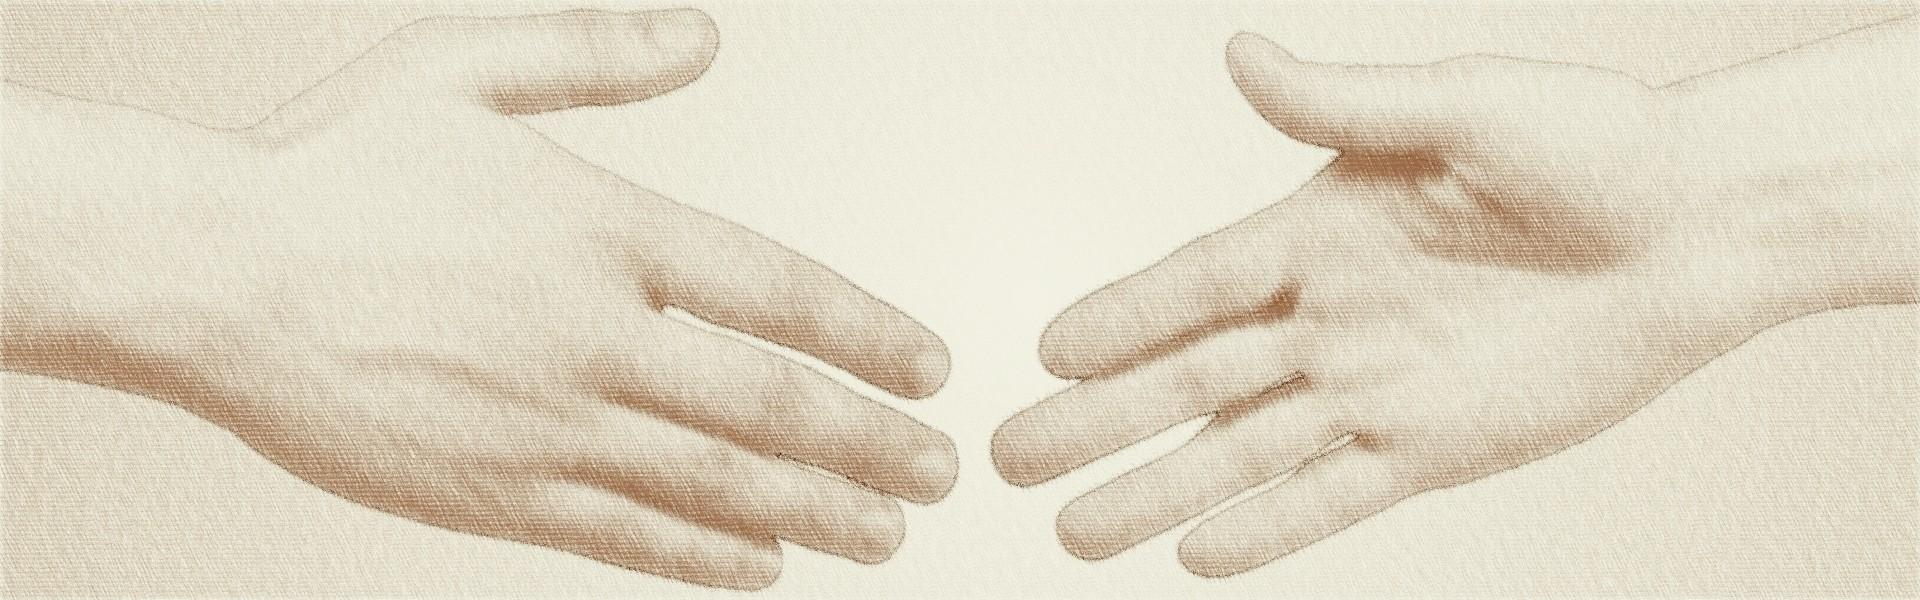 hands_1920x600